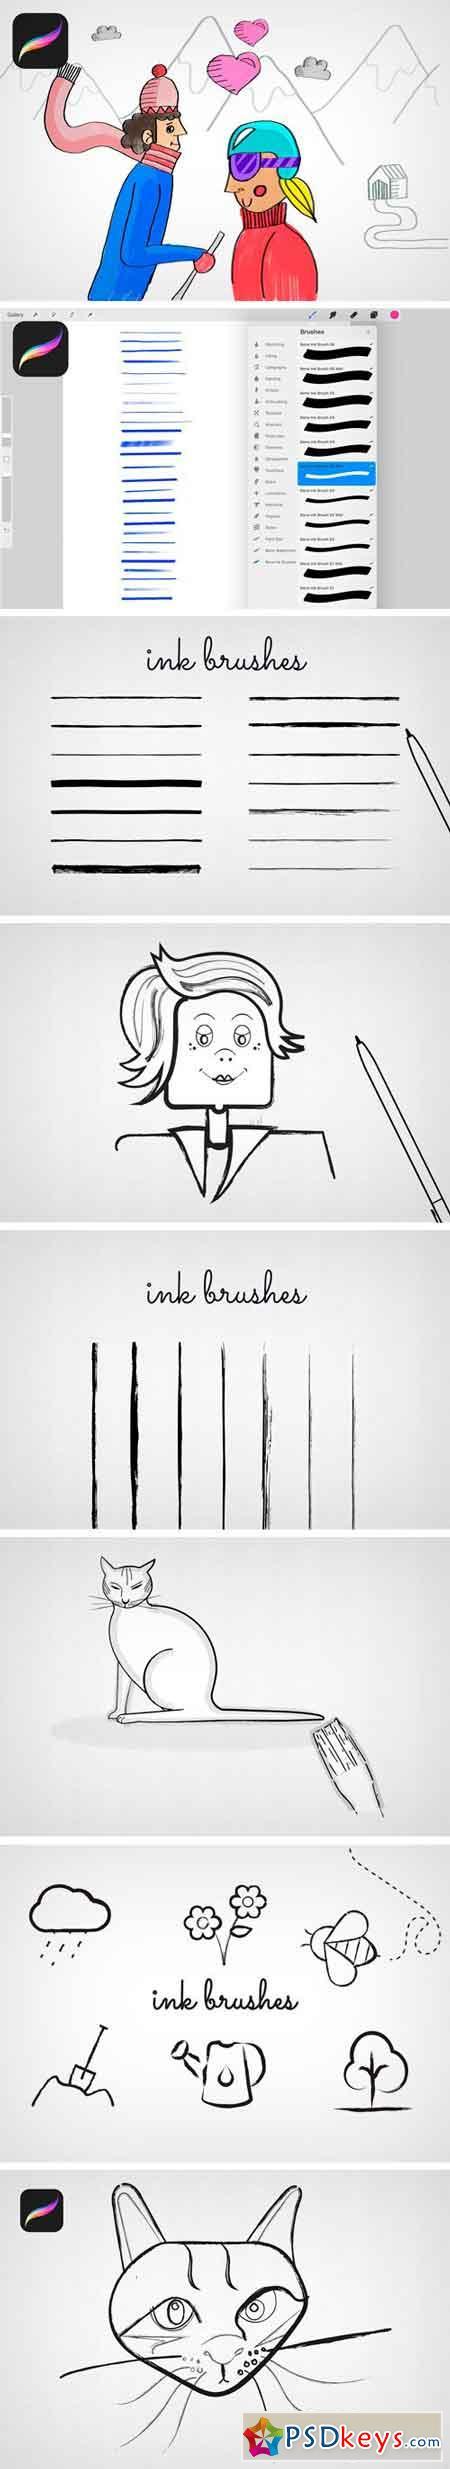 Procreate Ink Brushes 2317675